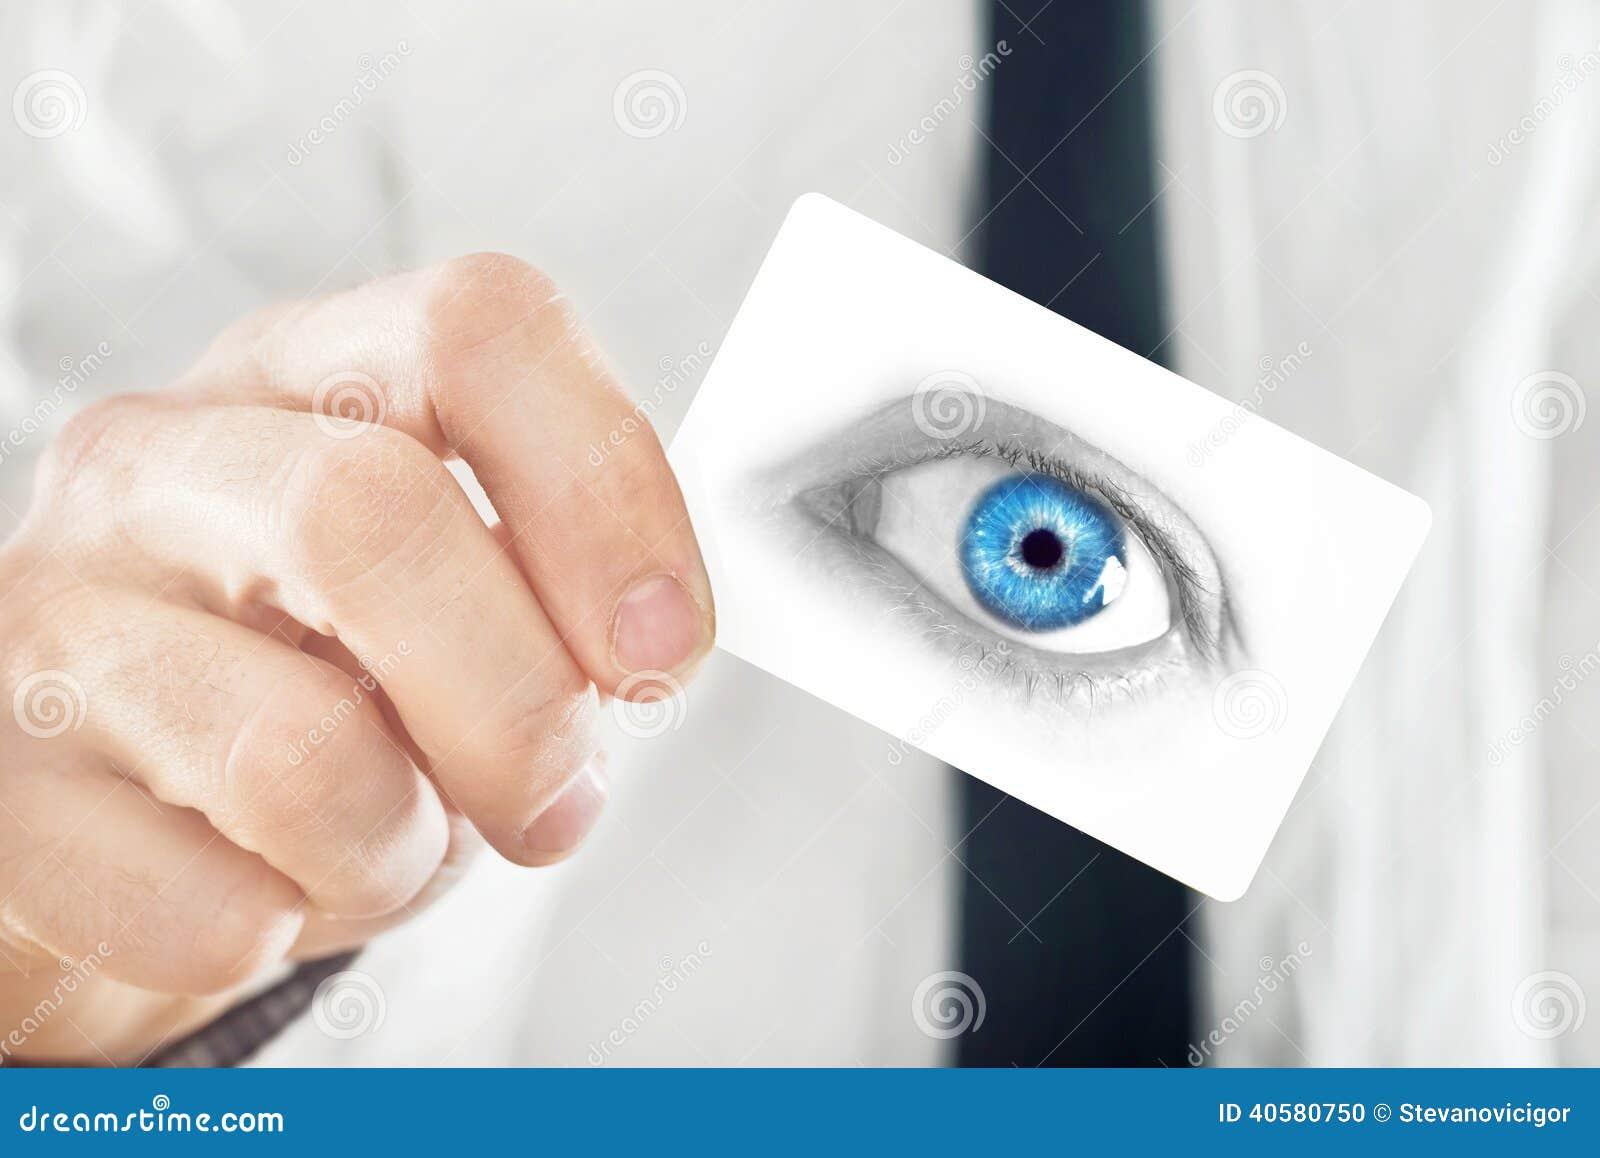 Офтальмолог давая его карточку посещения